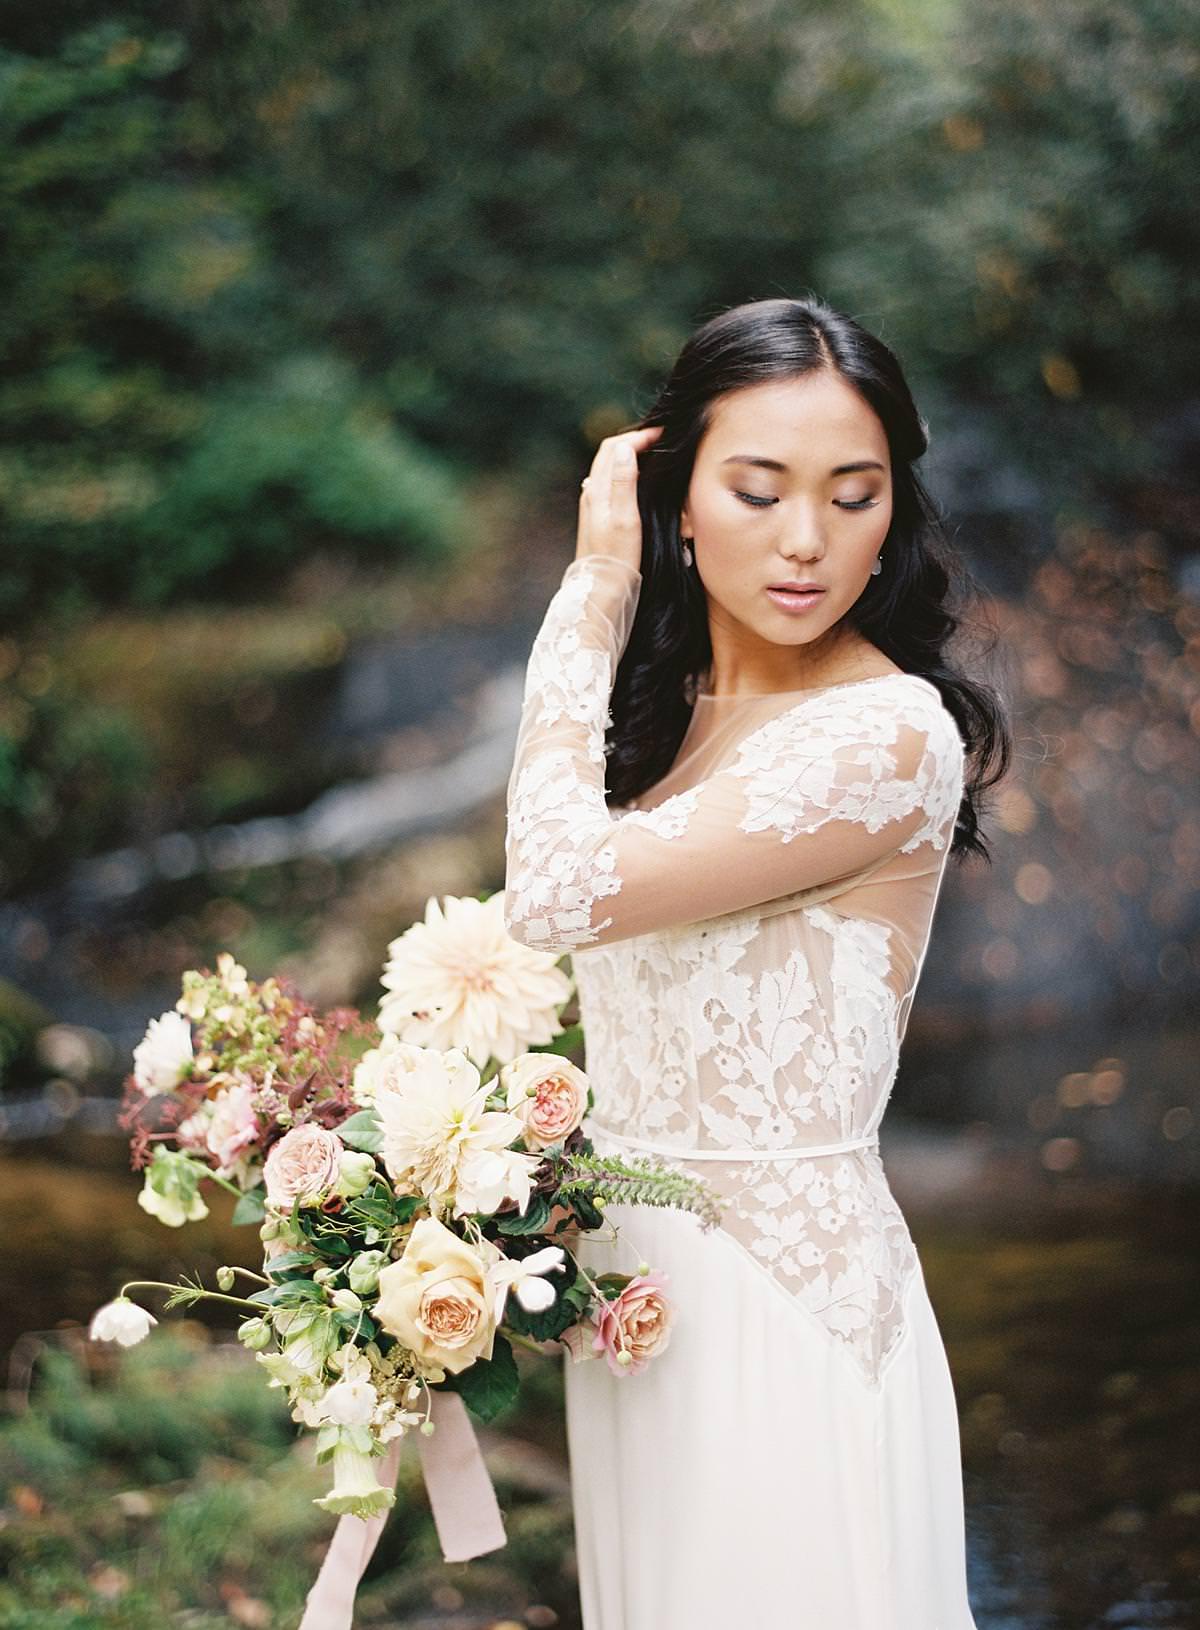 lonesome valley bride